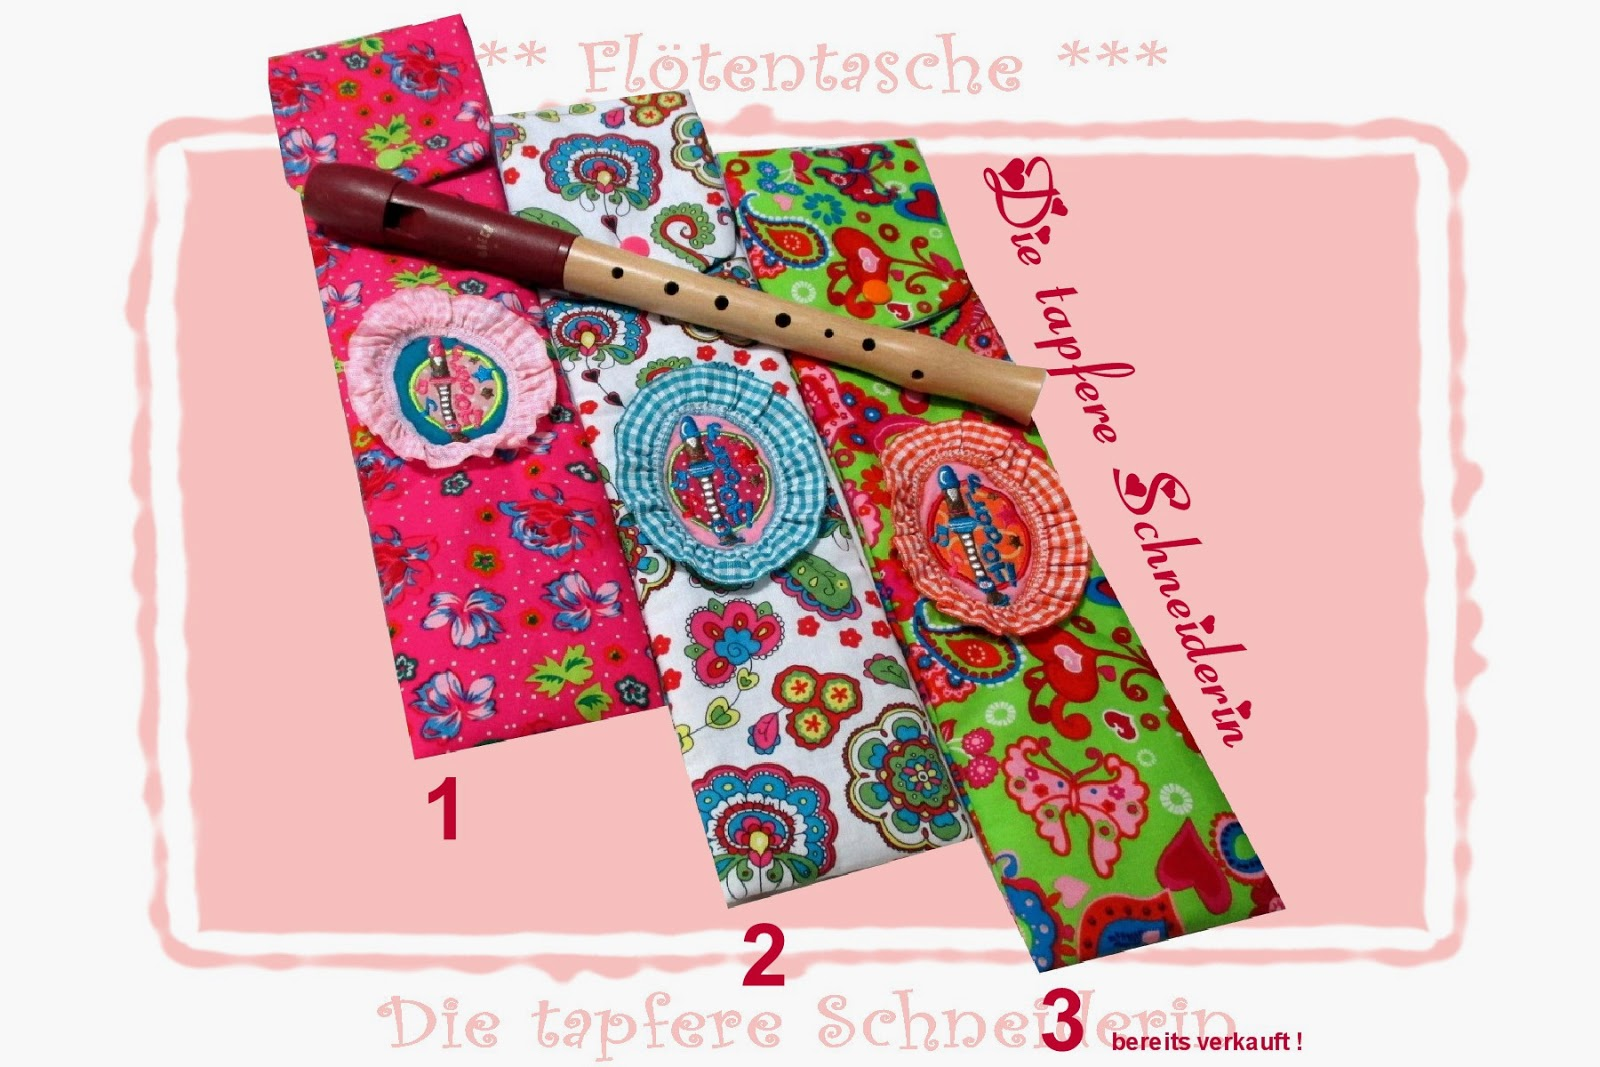 Die restlichen Flötentaschen sind gerade in den Shop gezogen: http://de.dawanda.com/product/73201867-Floetentasche